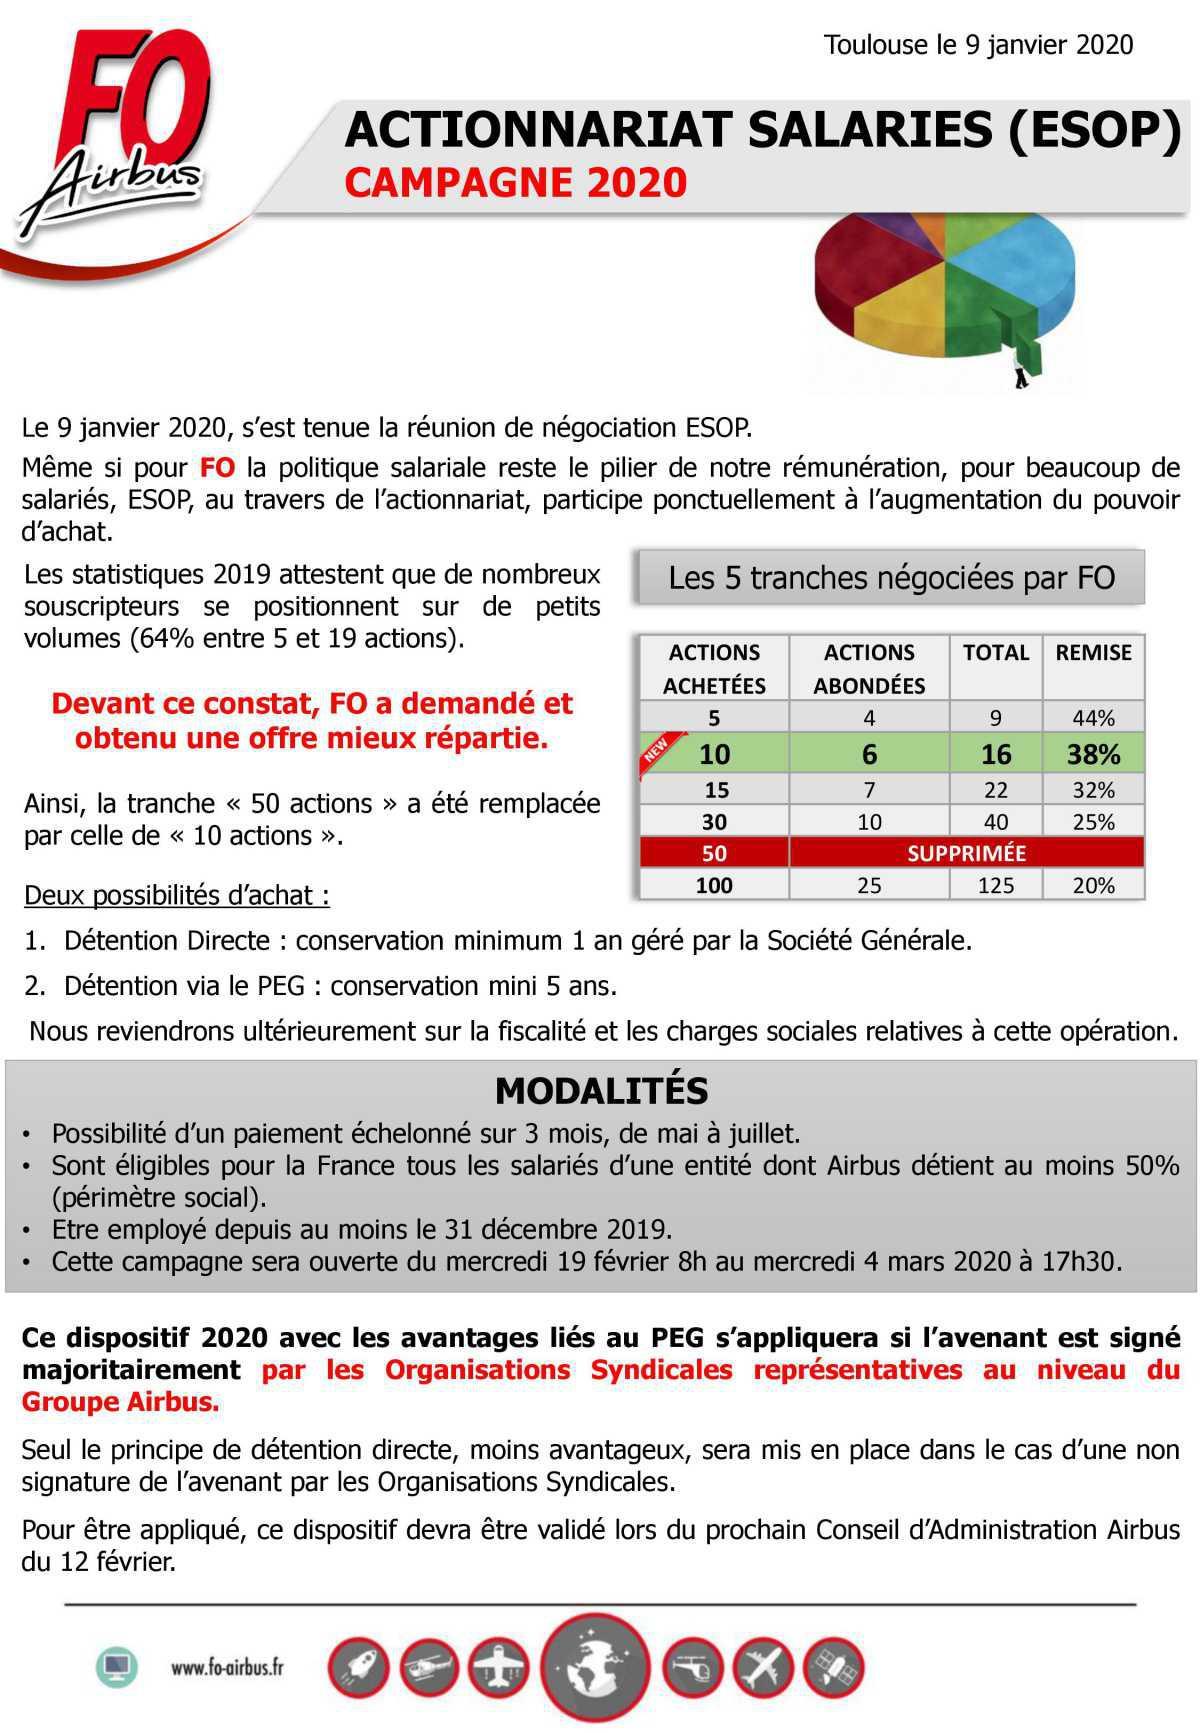 Actionnariat salariés ESOP 2020